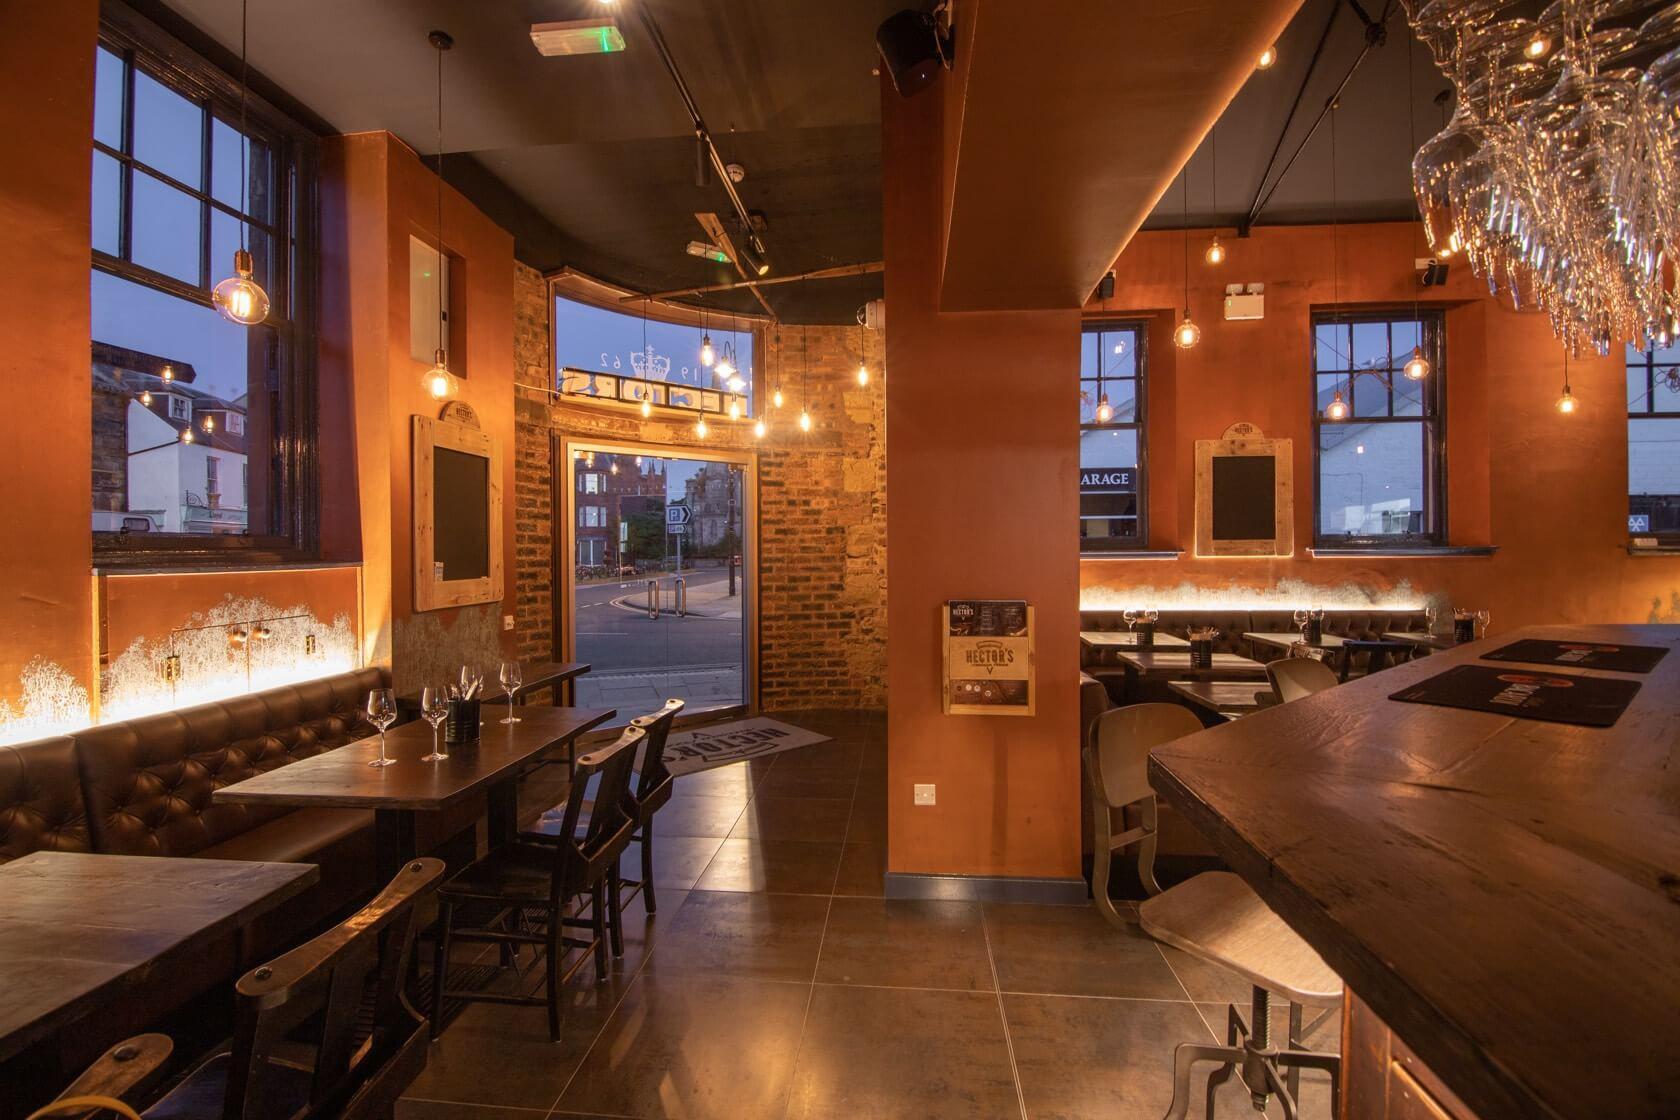 Hector's Artisan Pizza, Dunbar 09 - C&G Development